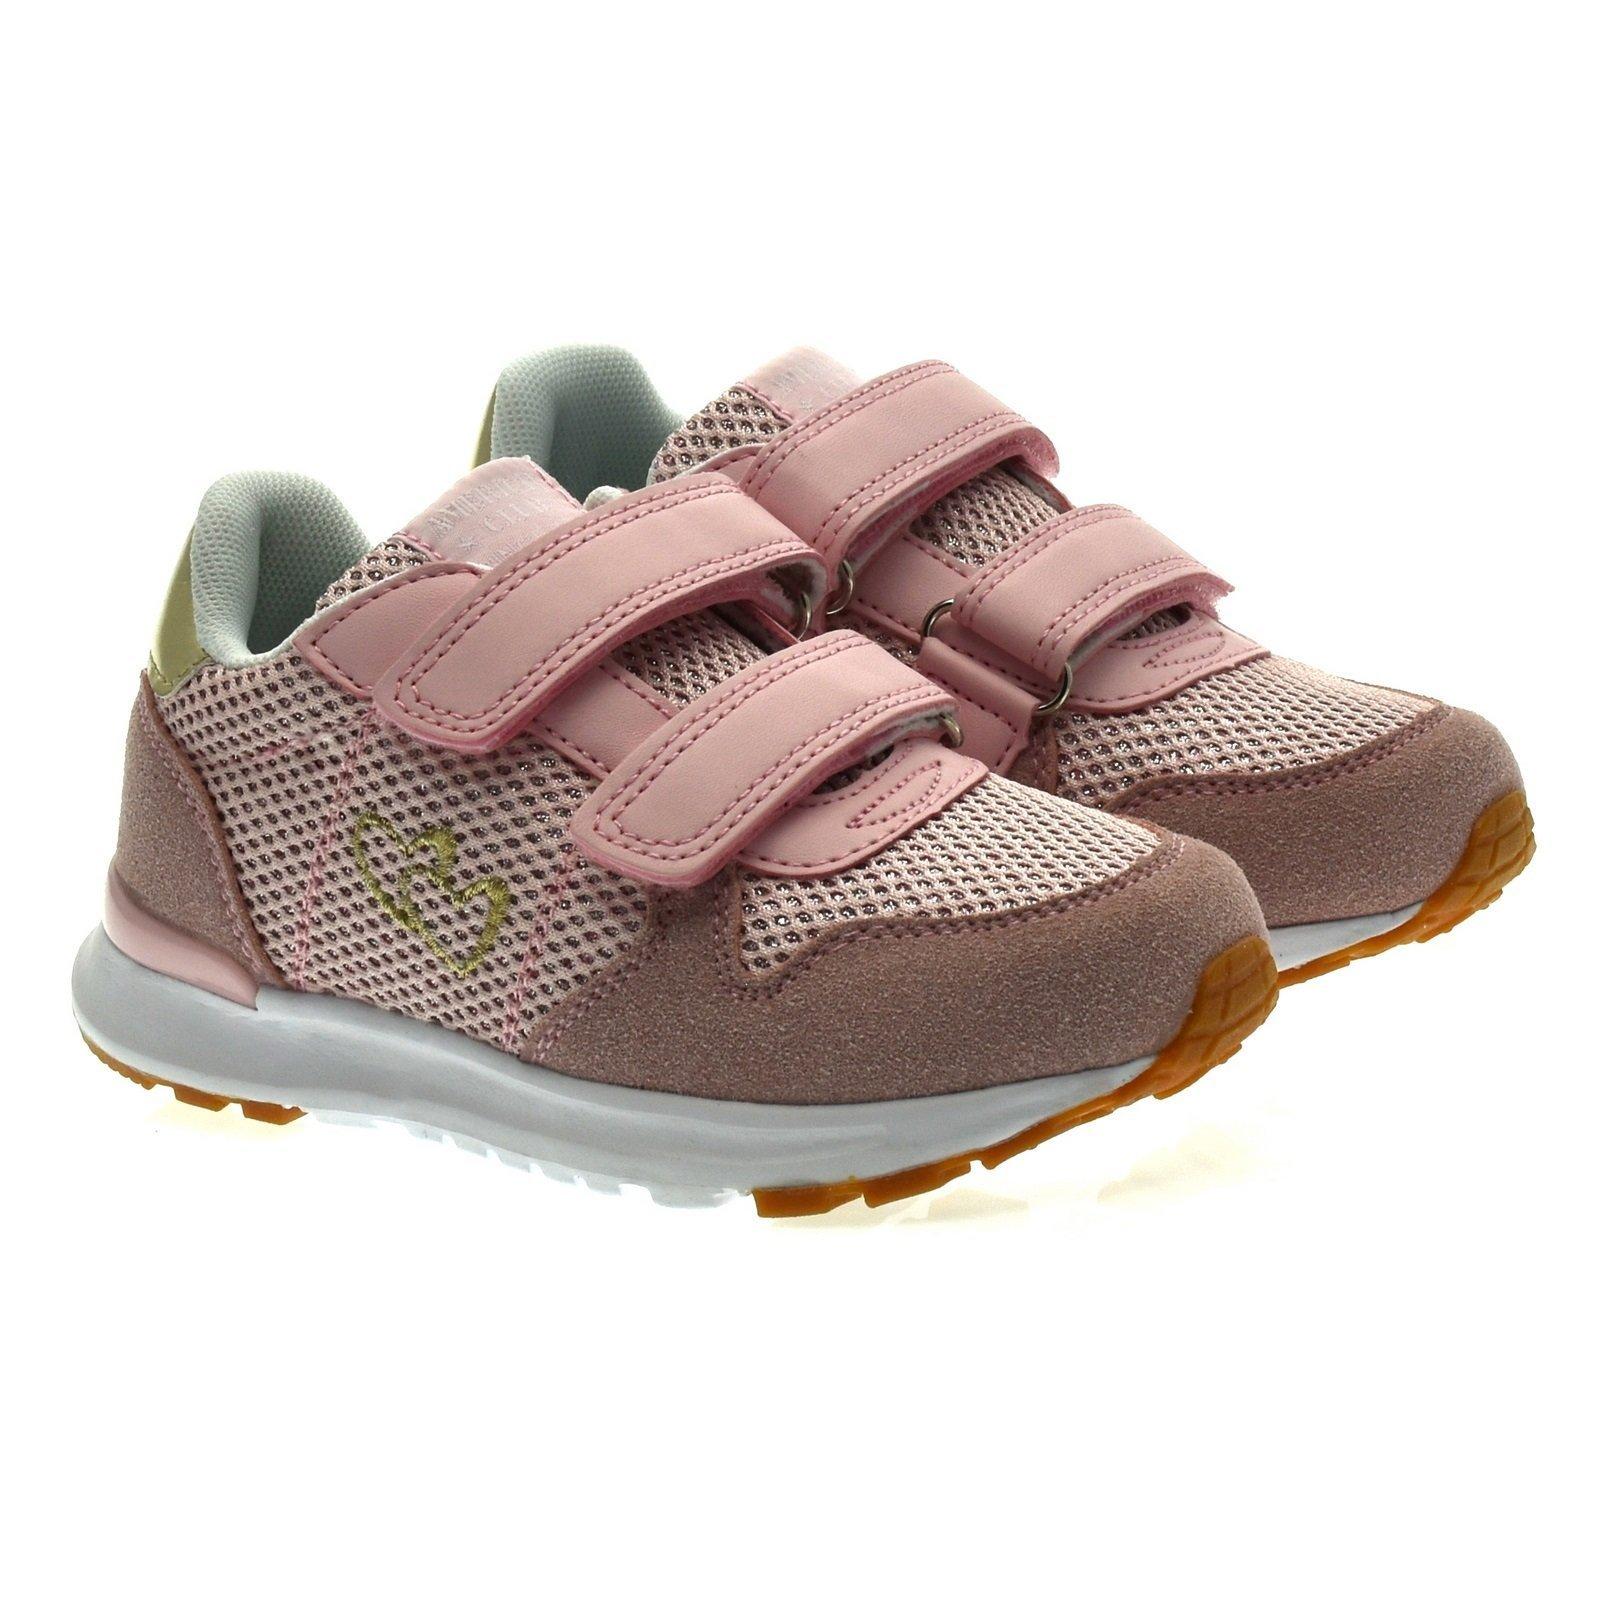 Buty Sportowe Dla Dzieci American Club Es27 21 Pudrowe Rozowy Pudrowy Roz 6702 Sklepdorotka Pl